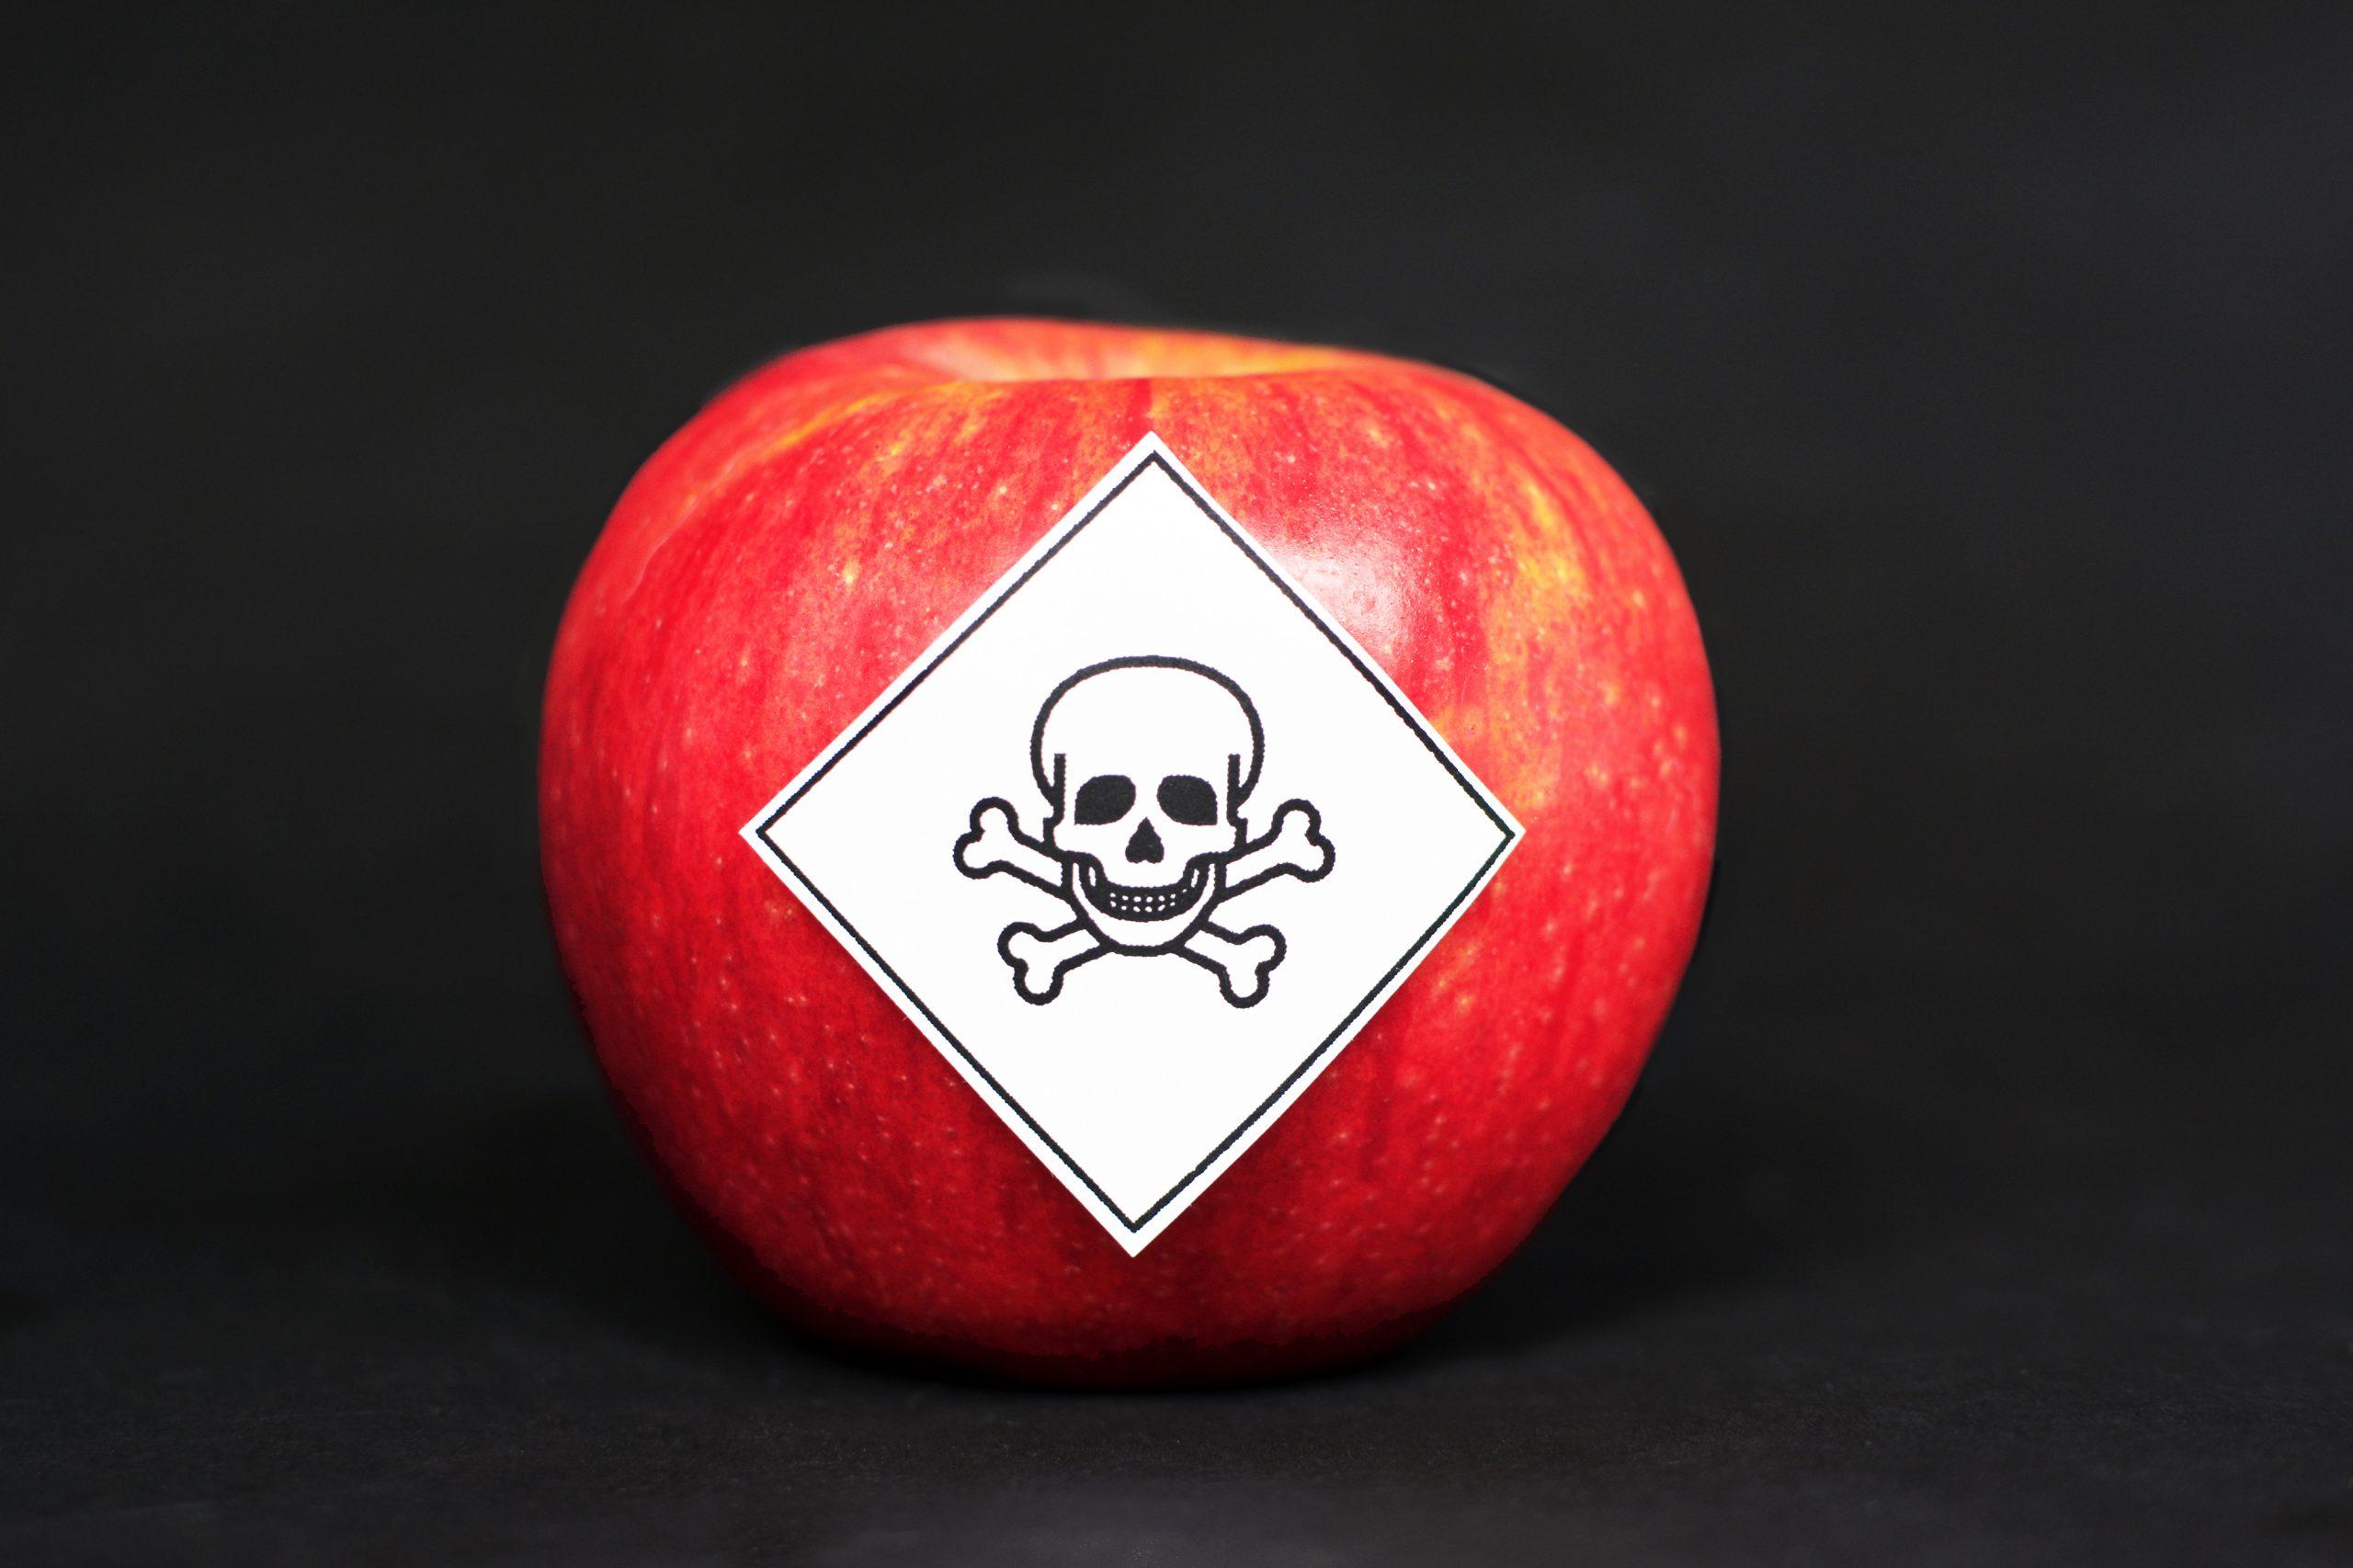 i-dati-scioccanti-sui-pesticidi-in-trentino:-aumentano-tumori,-autismo-e-parkinson.-l'allarme-dei-medici-per-l'ambiente